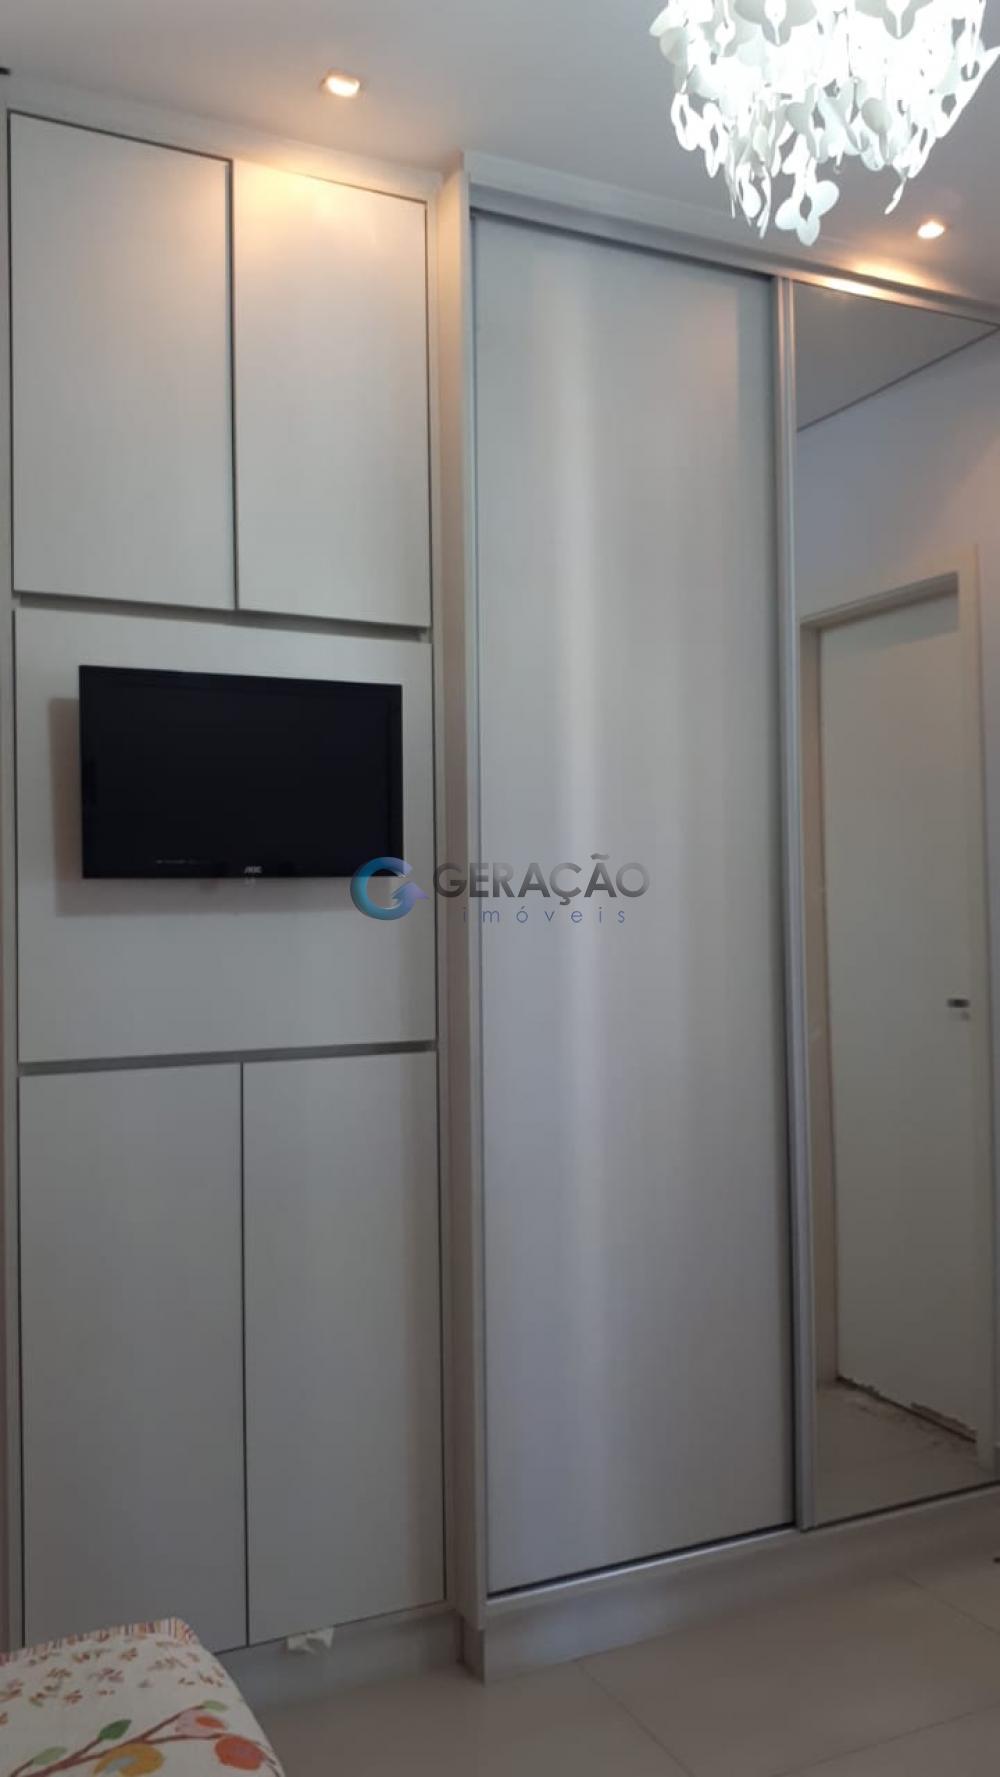 Comprar Apartamento / Padrão em São José dos Campos R$ 780.000,00 - Foto 8